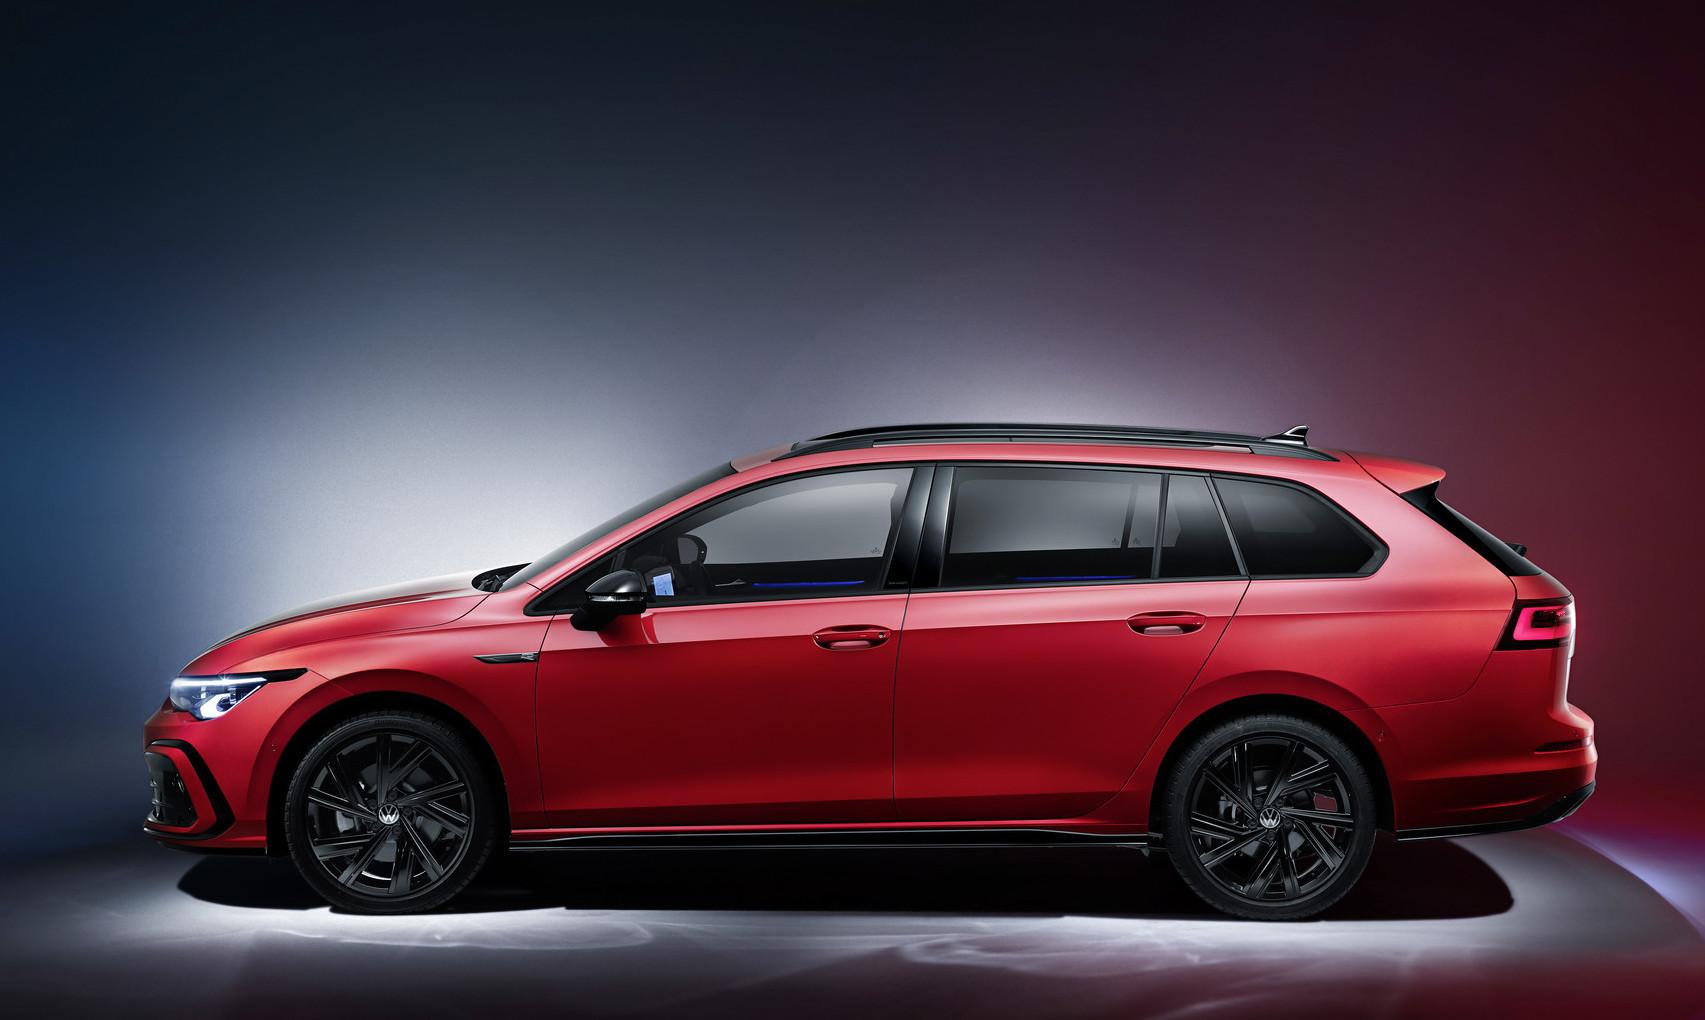 Dimensioni di nuova Volkswagen Golf Variant